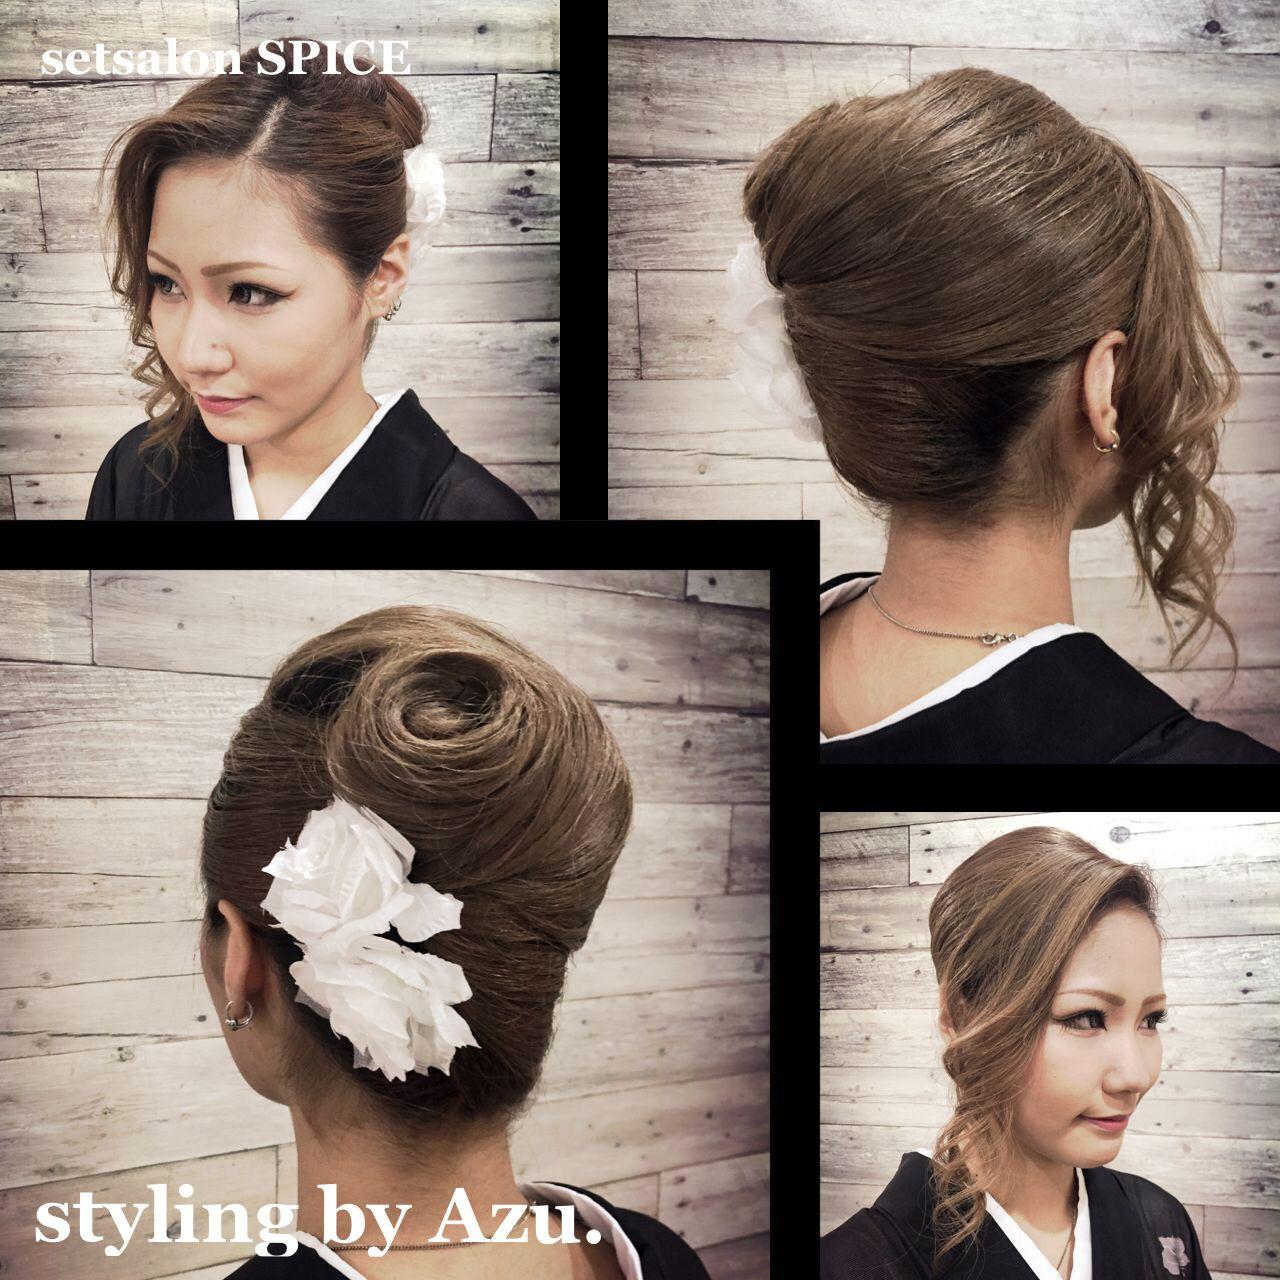 前髪がポイント!夜会巻きのアレンジまとめ♪初心者でも簡単にできるコツ stylist.azuazu